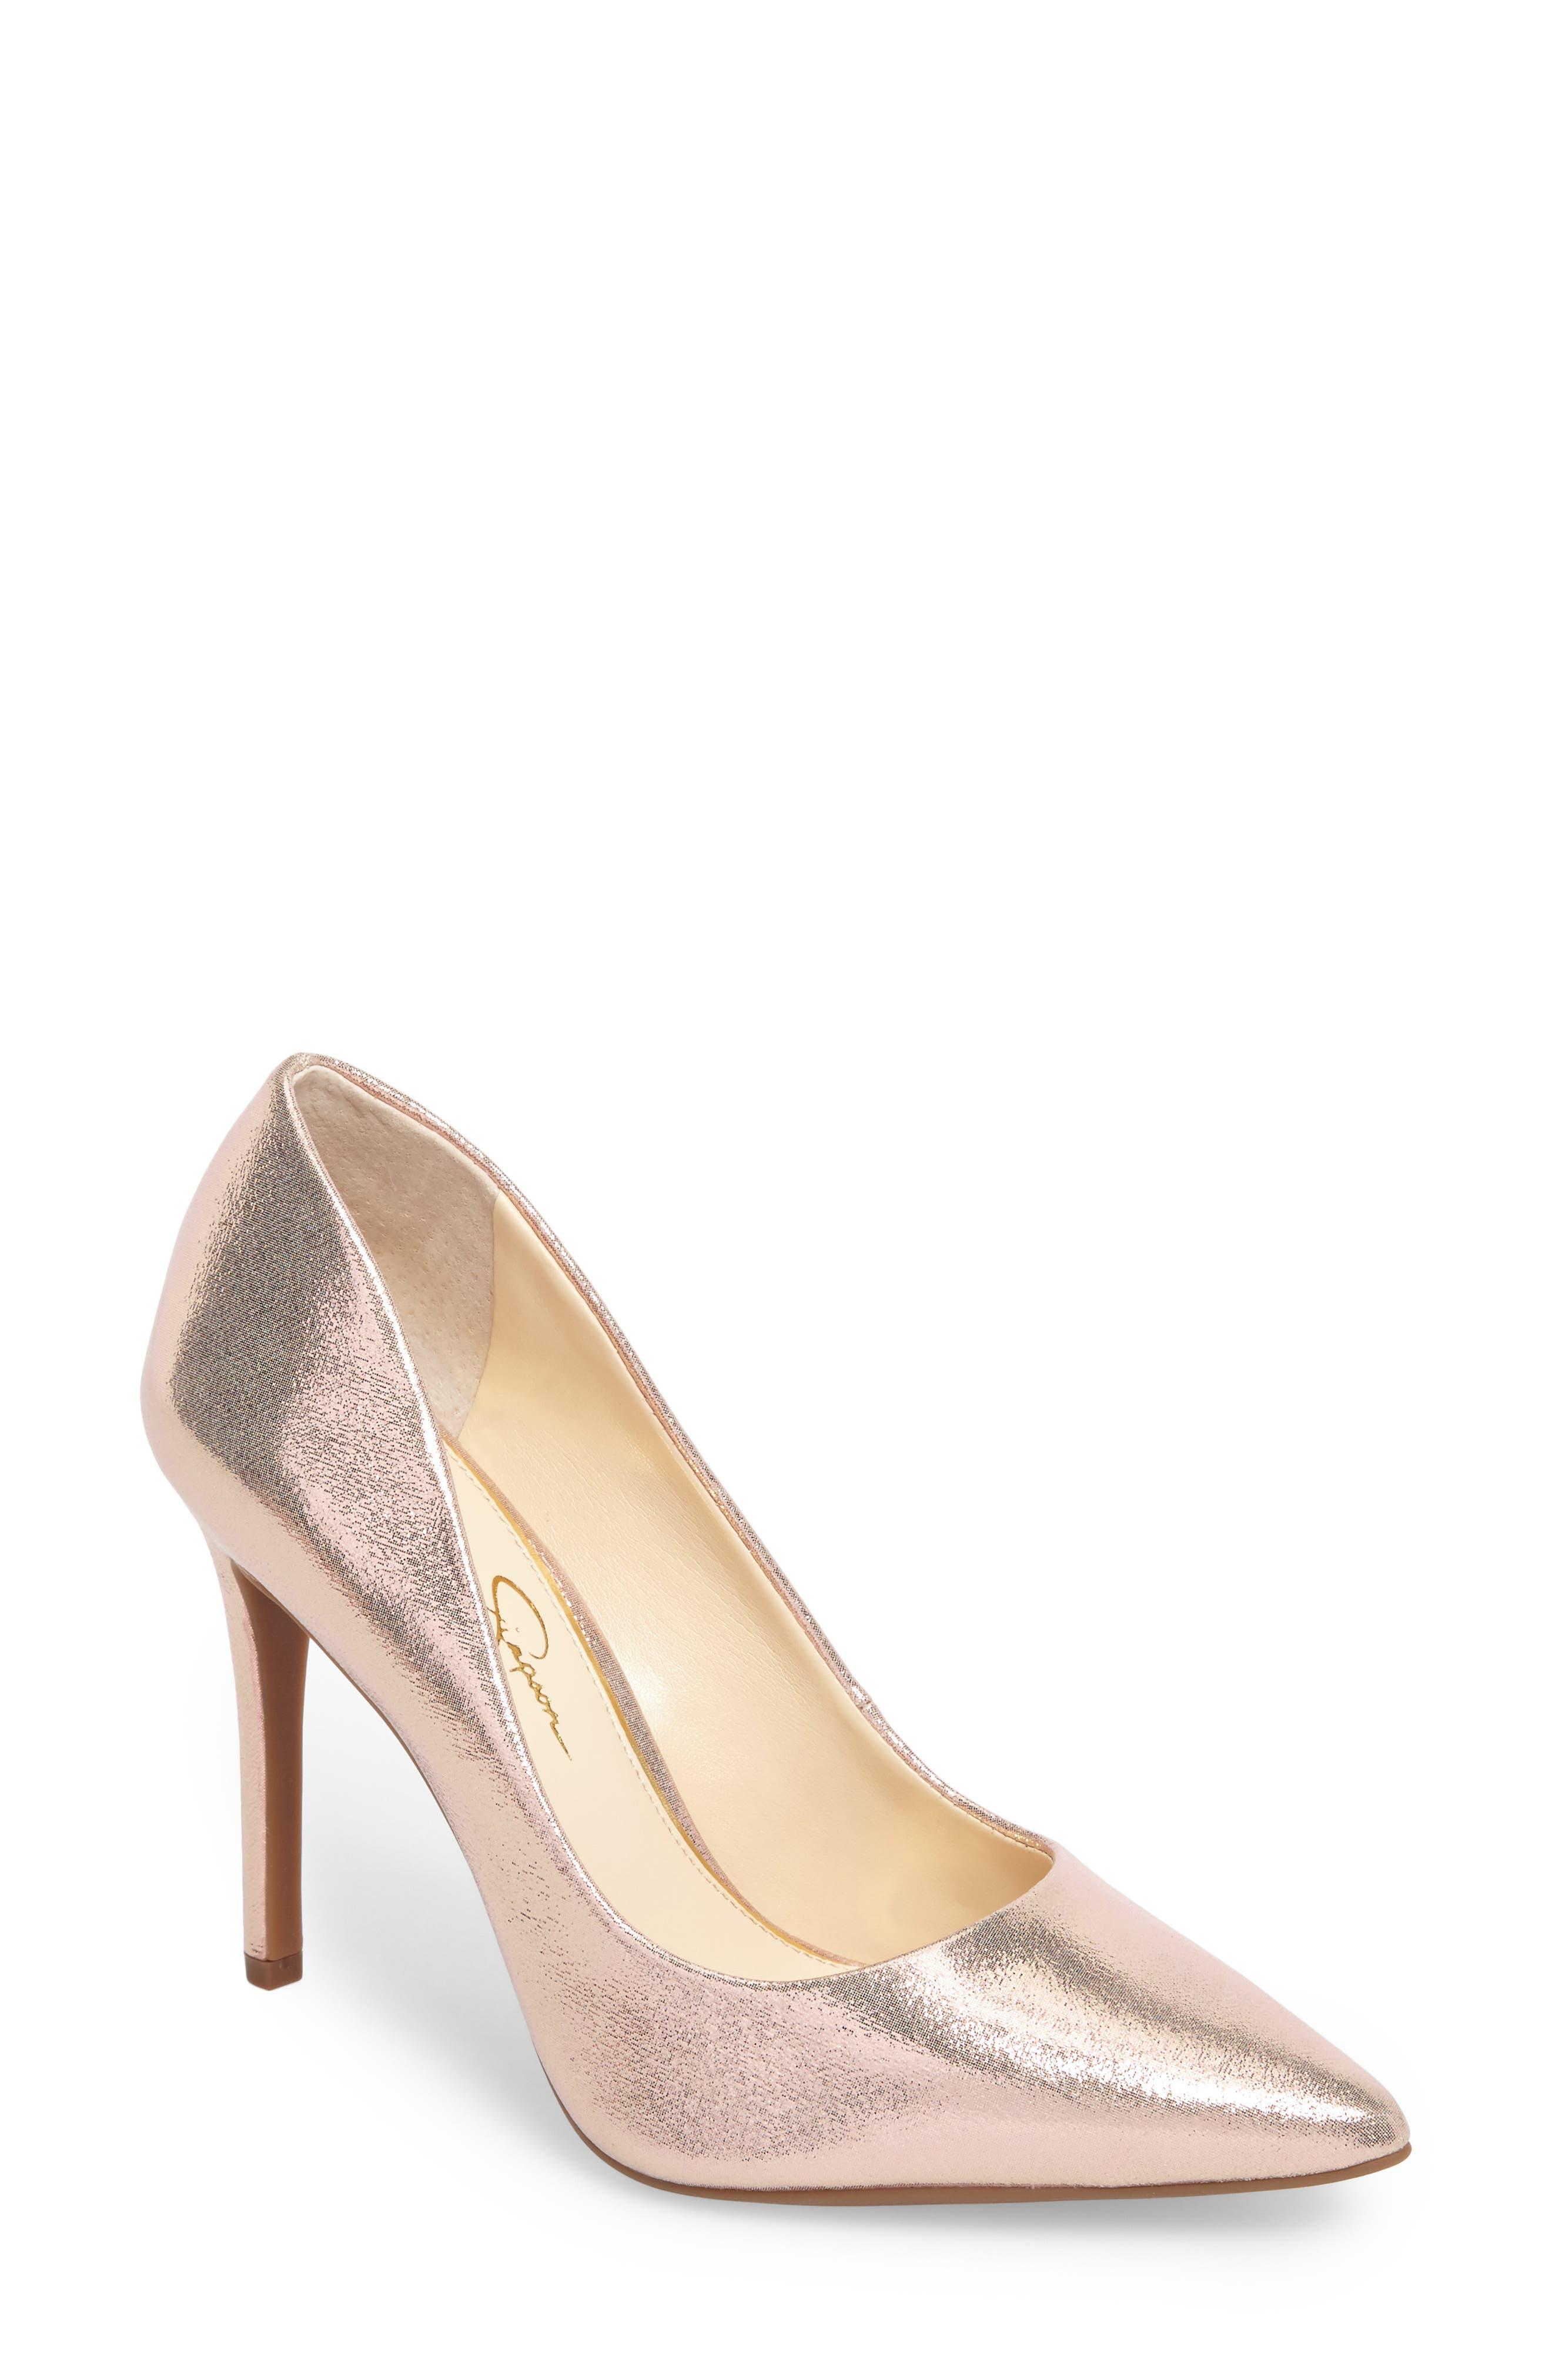 b3fb5dfc54b Trendy Champagne Color Shoes Plans - Totaltravel.US